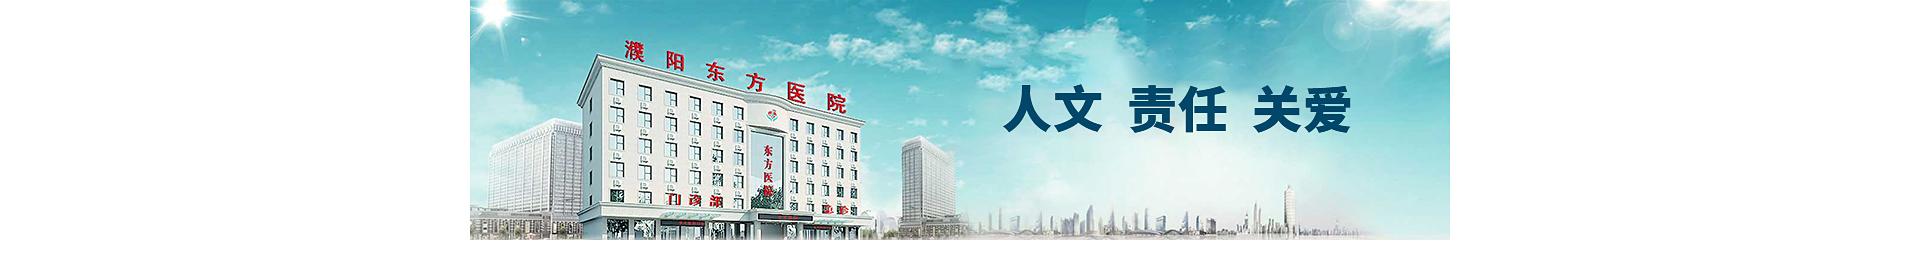 濮阳东方医院